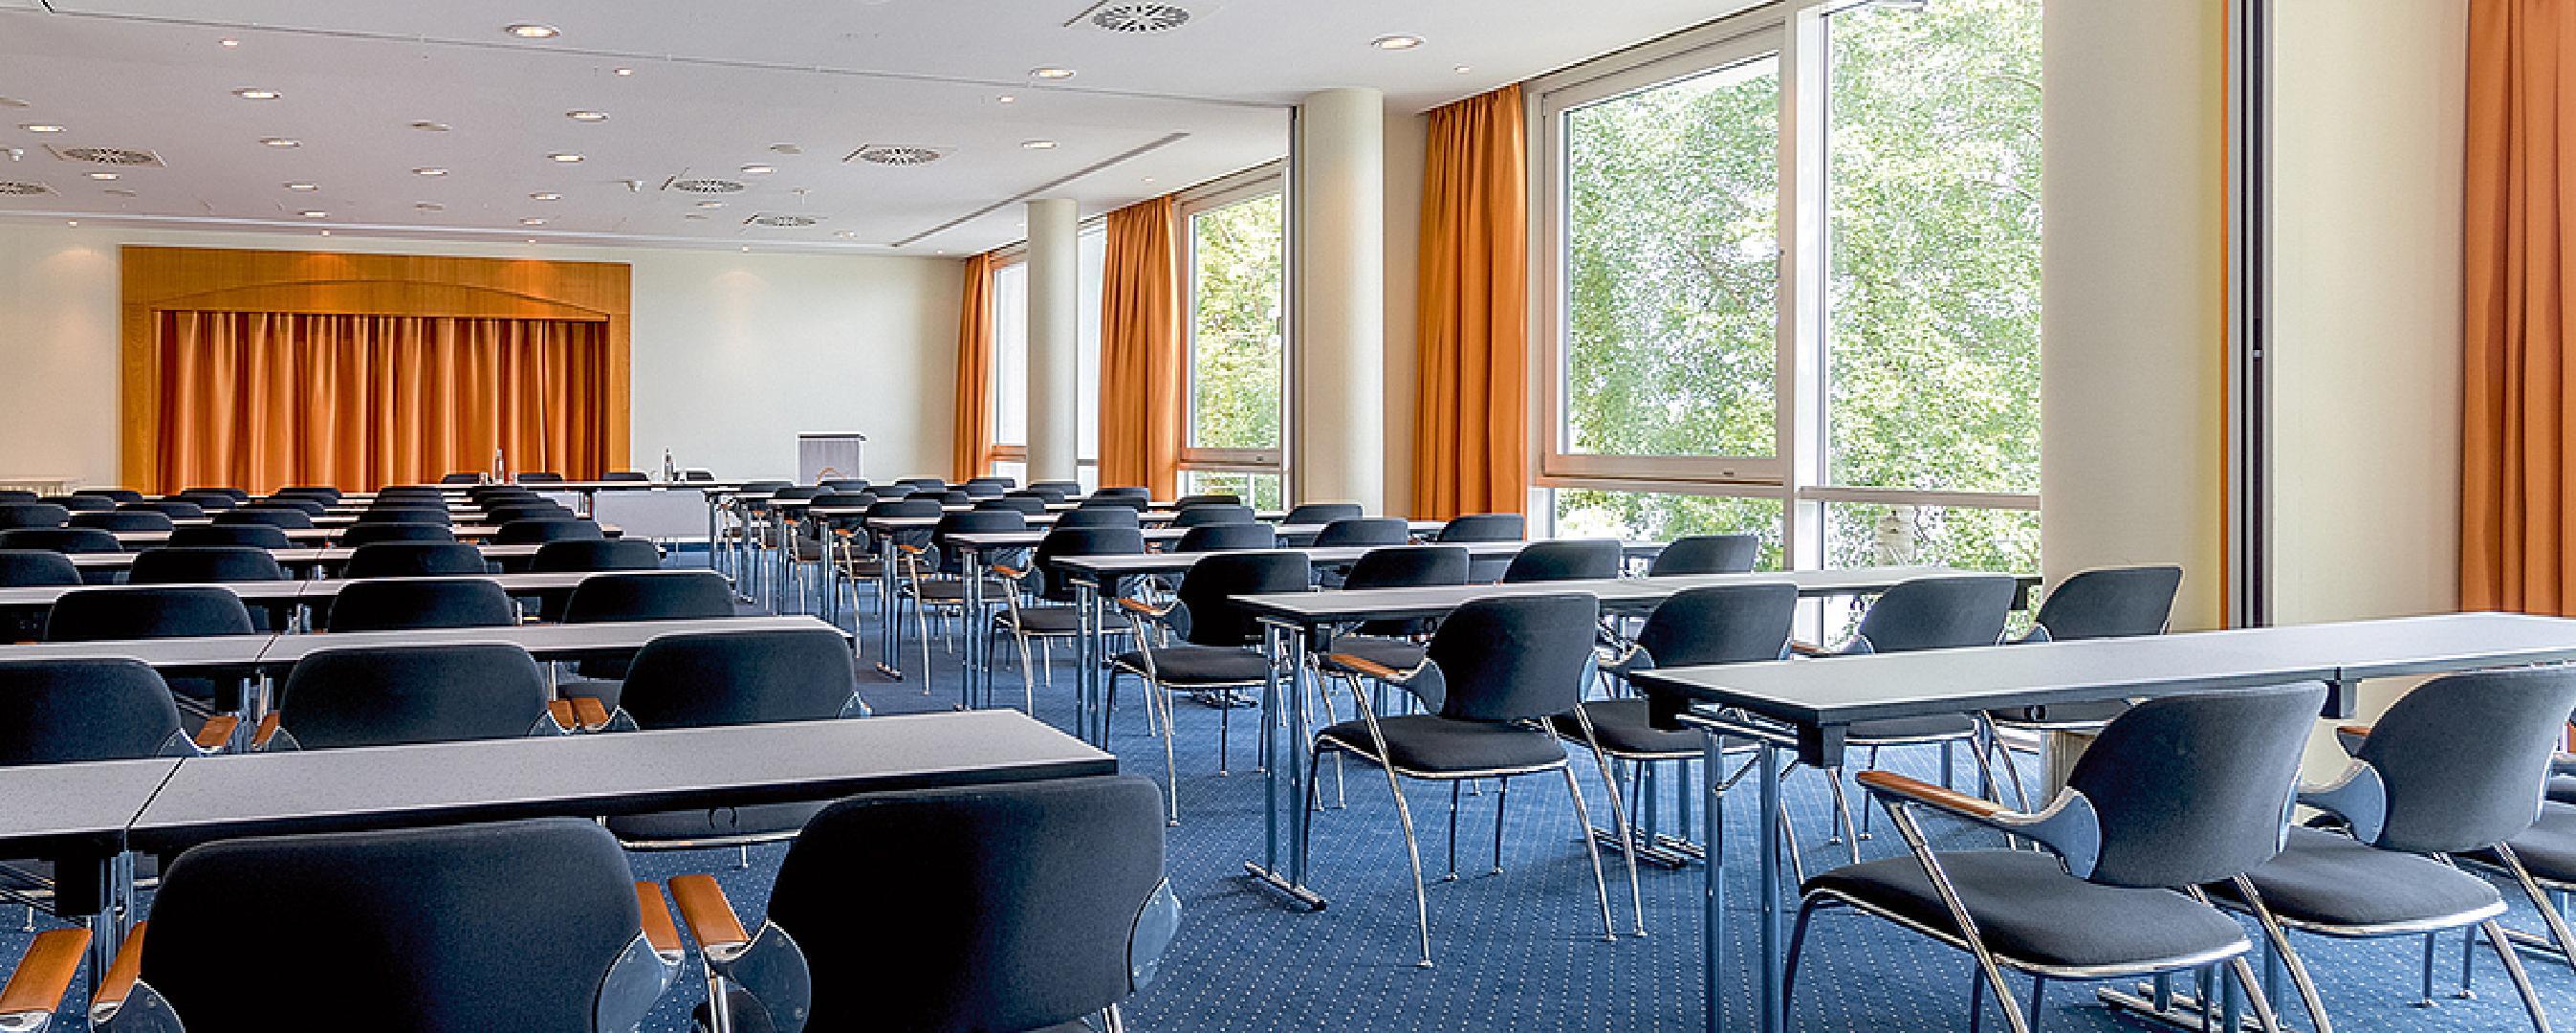 Bild 2 von Tagungsräume Brandenburg, Potsdam, Berlin & Gribnitzsee, Wannsee